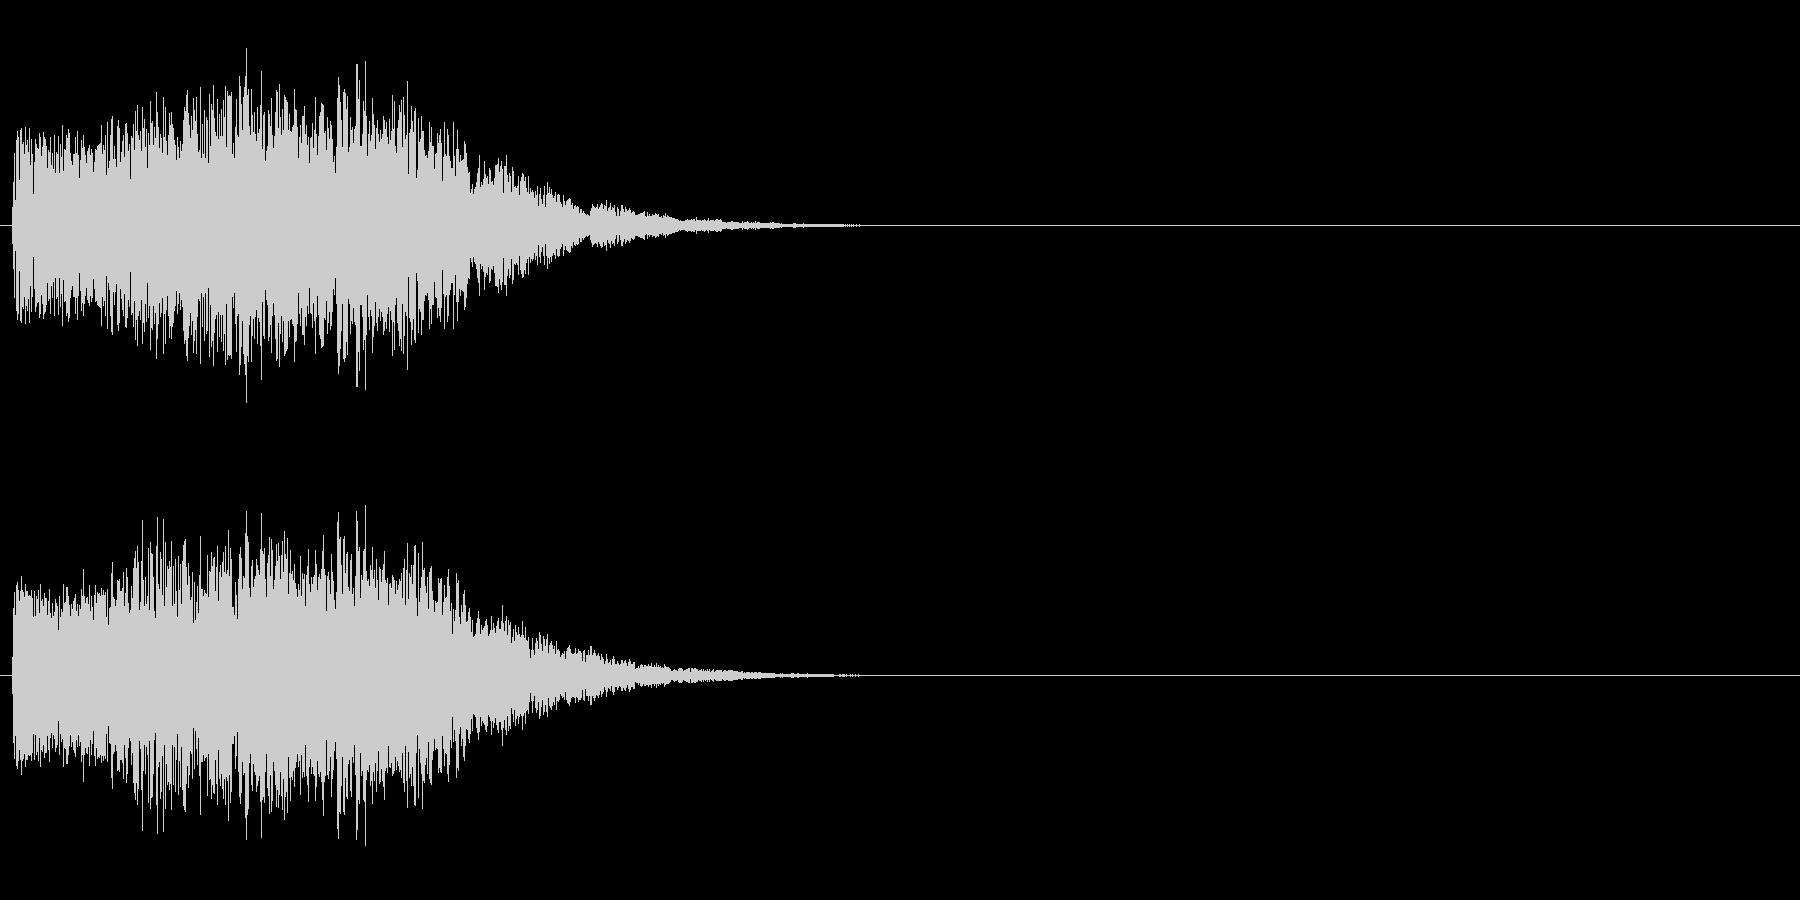 怪しげな決定音/電子音/魔法の未再生の波形